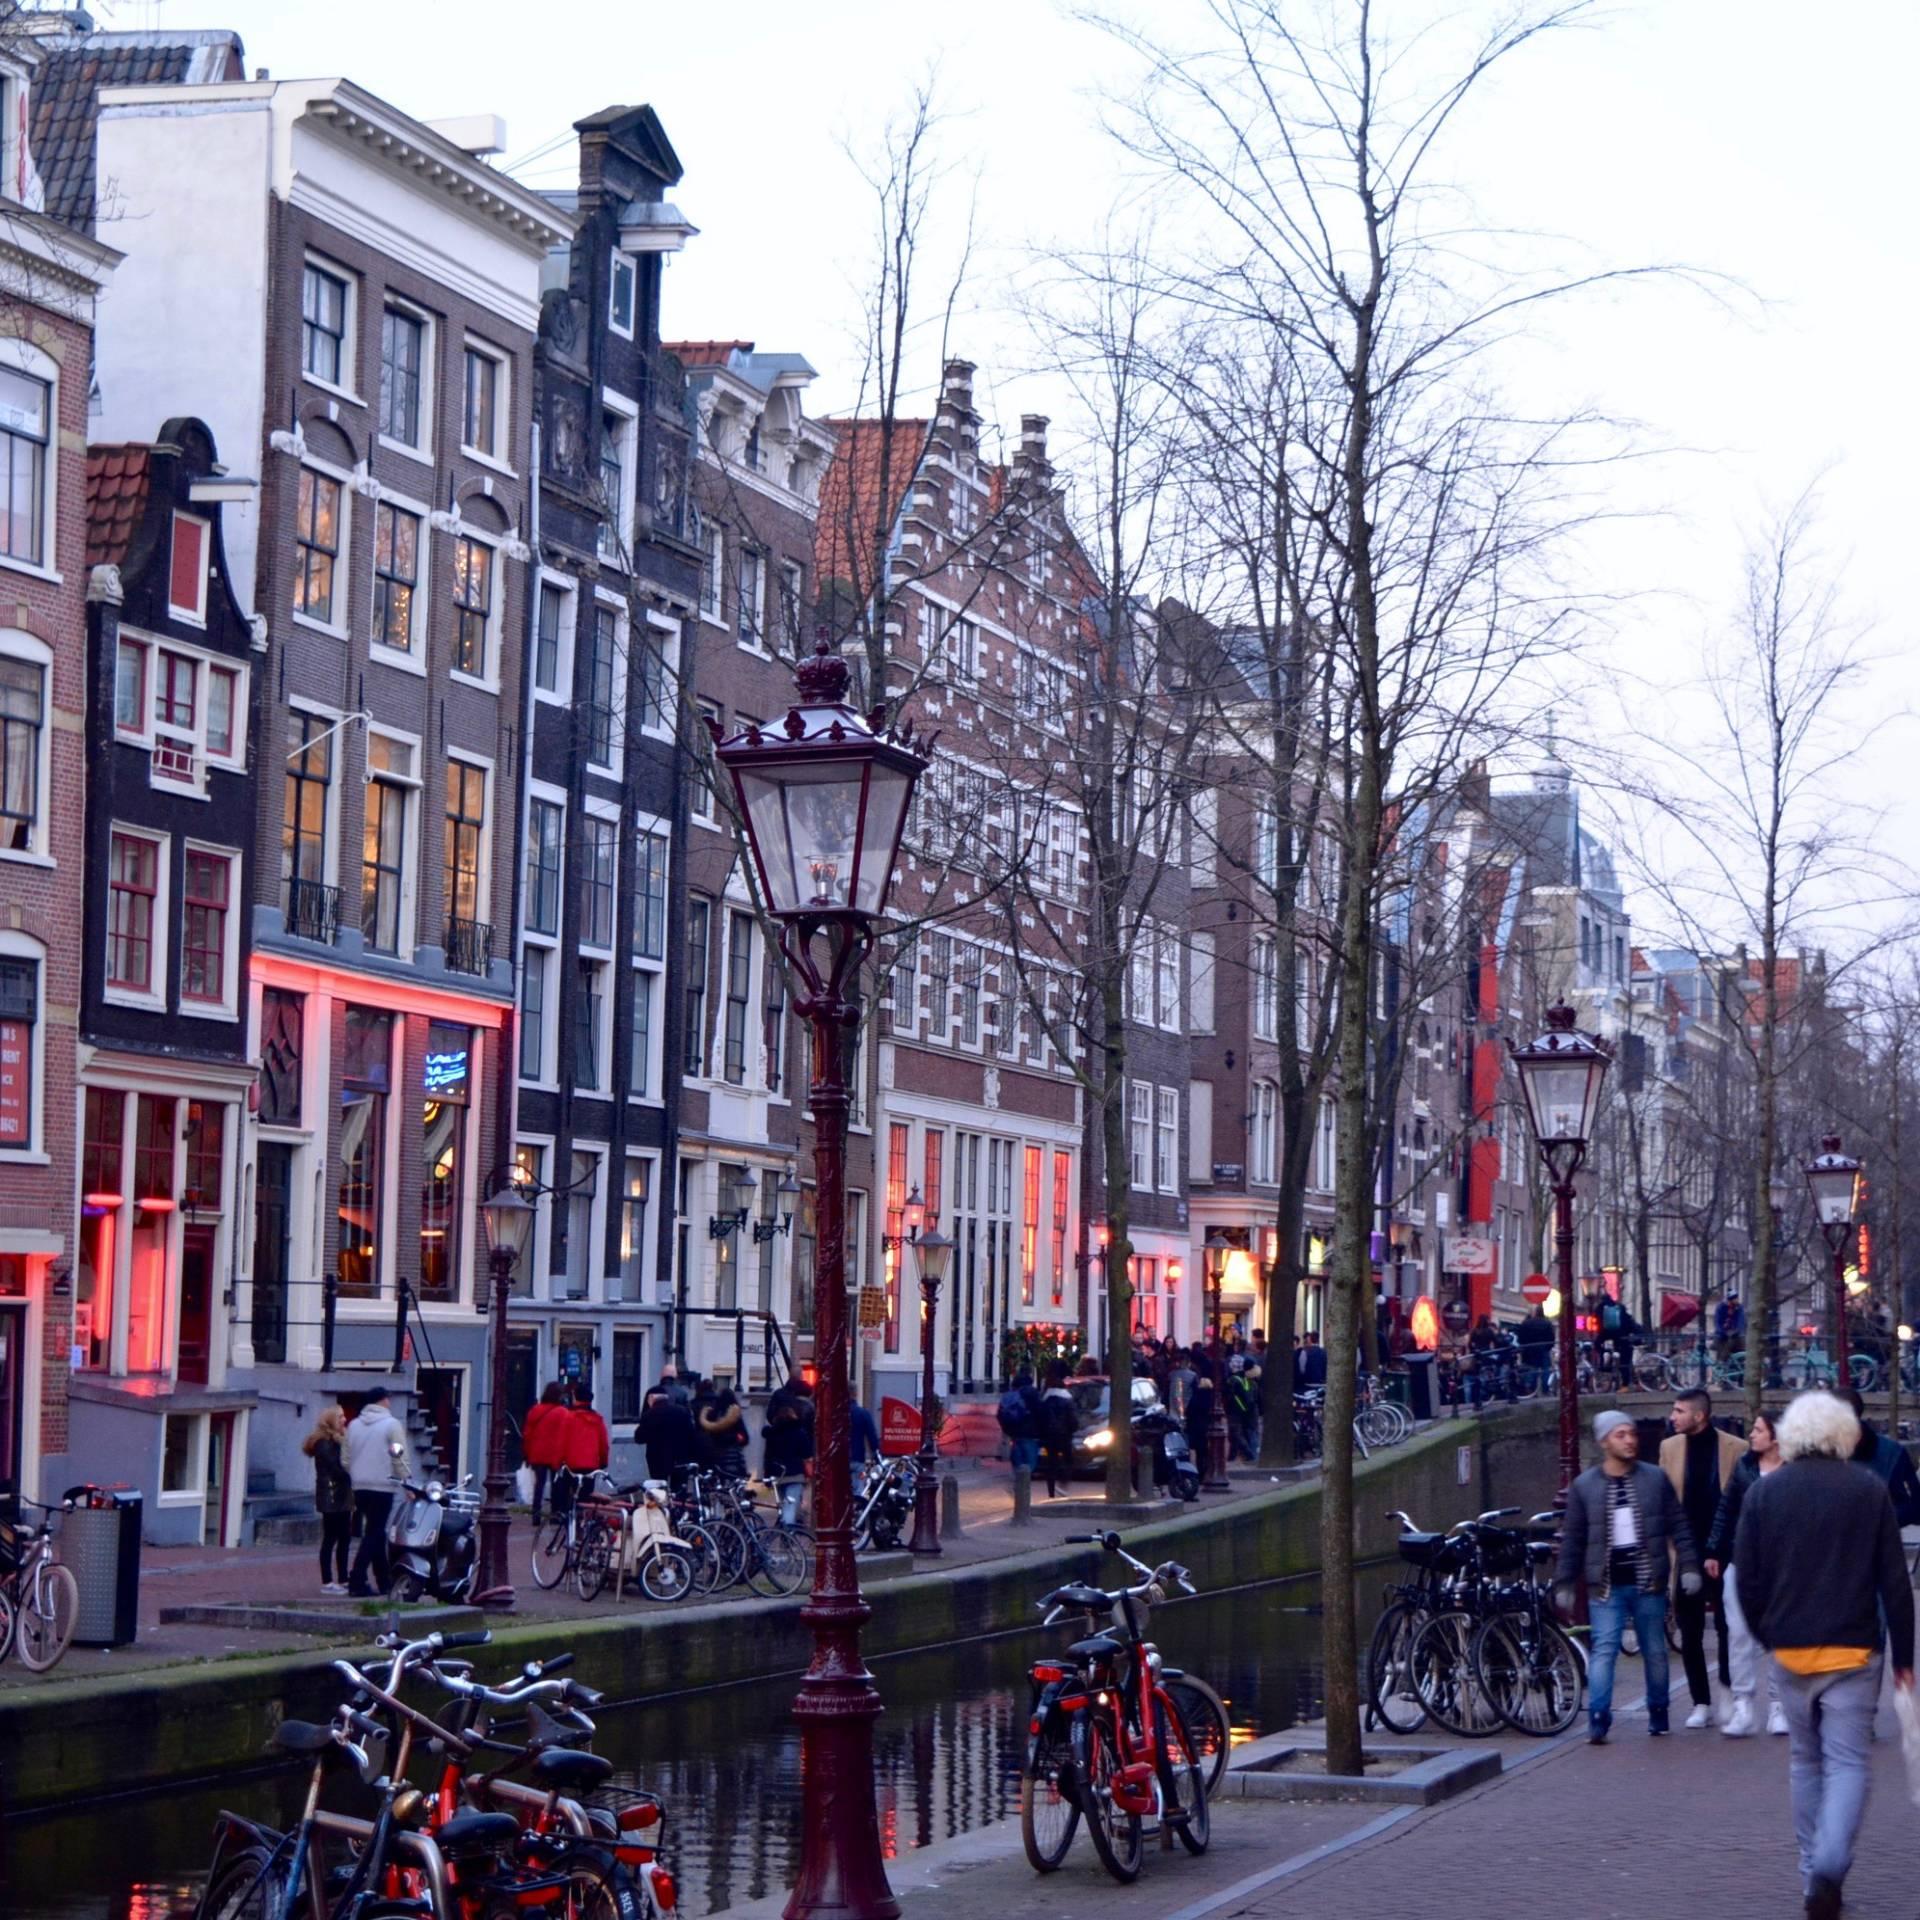 Long-Weekend-In-Amsterdam-16